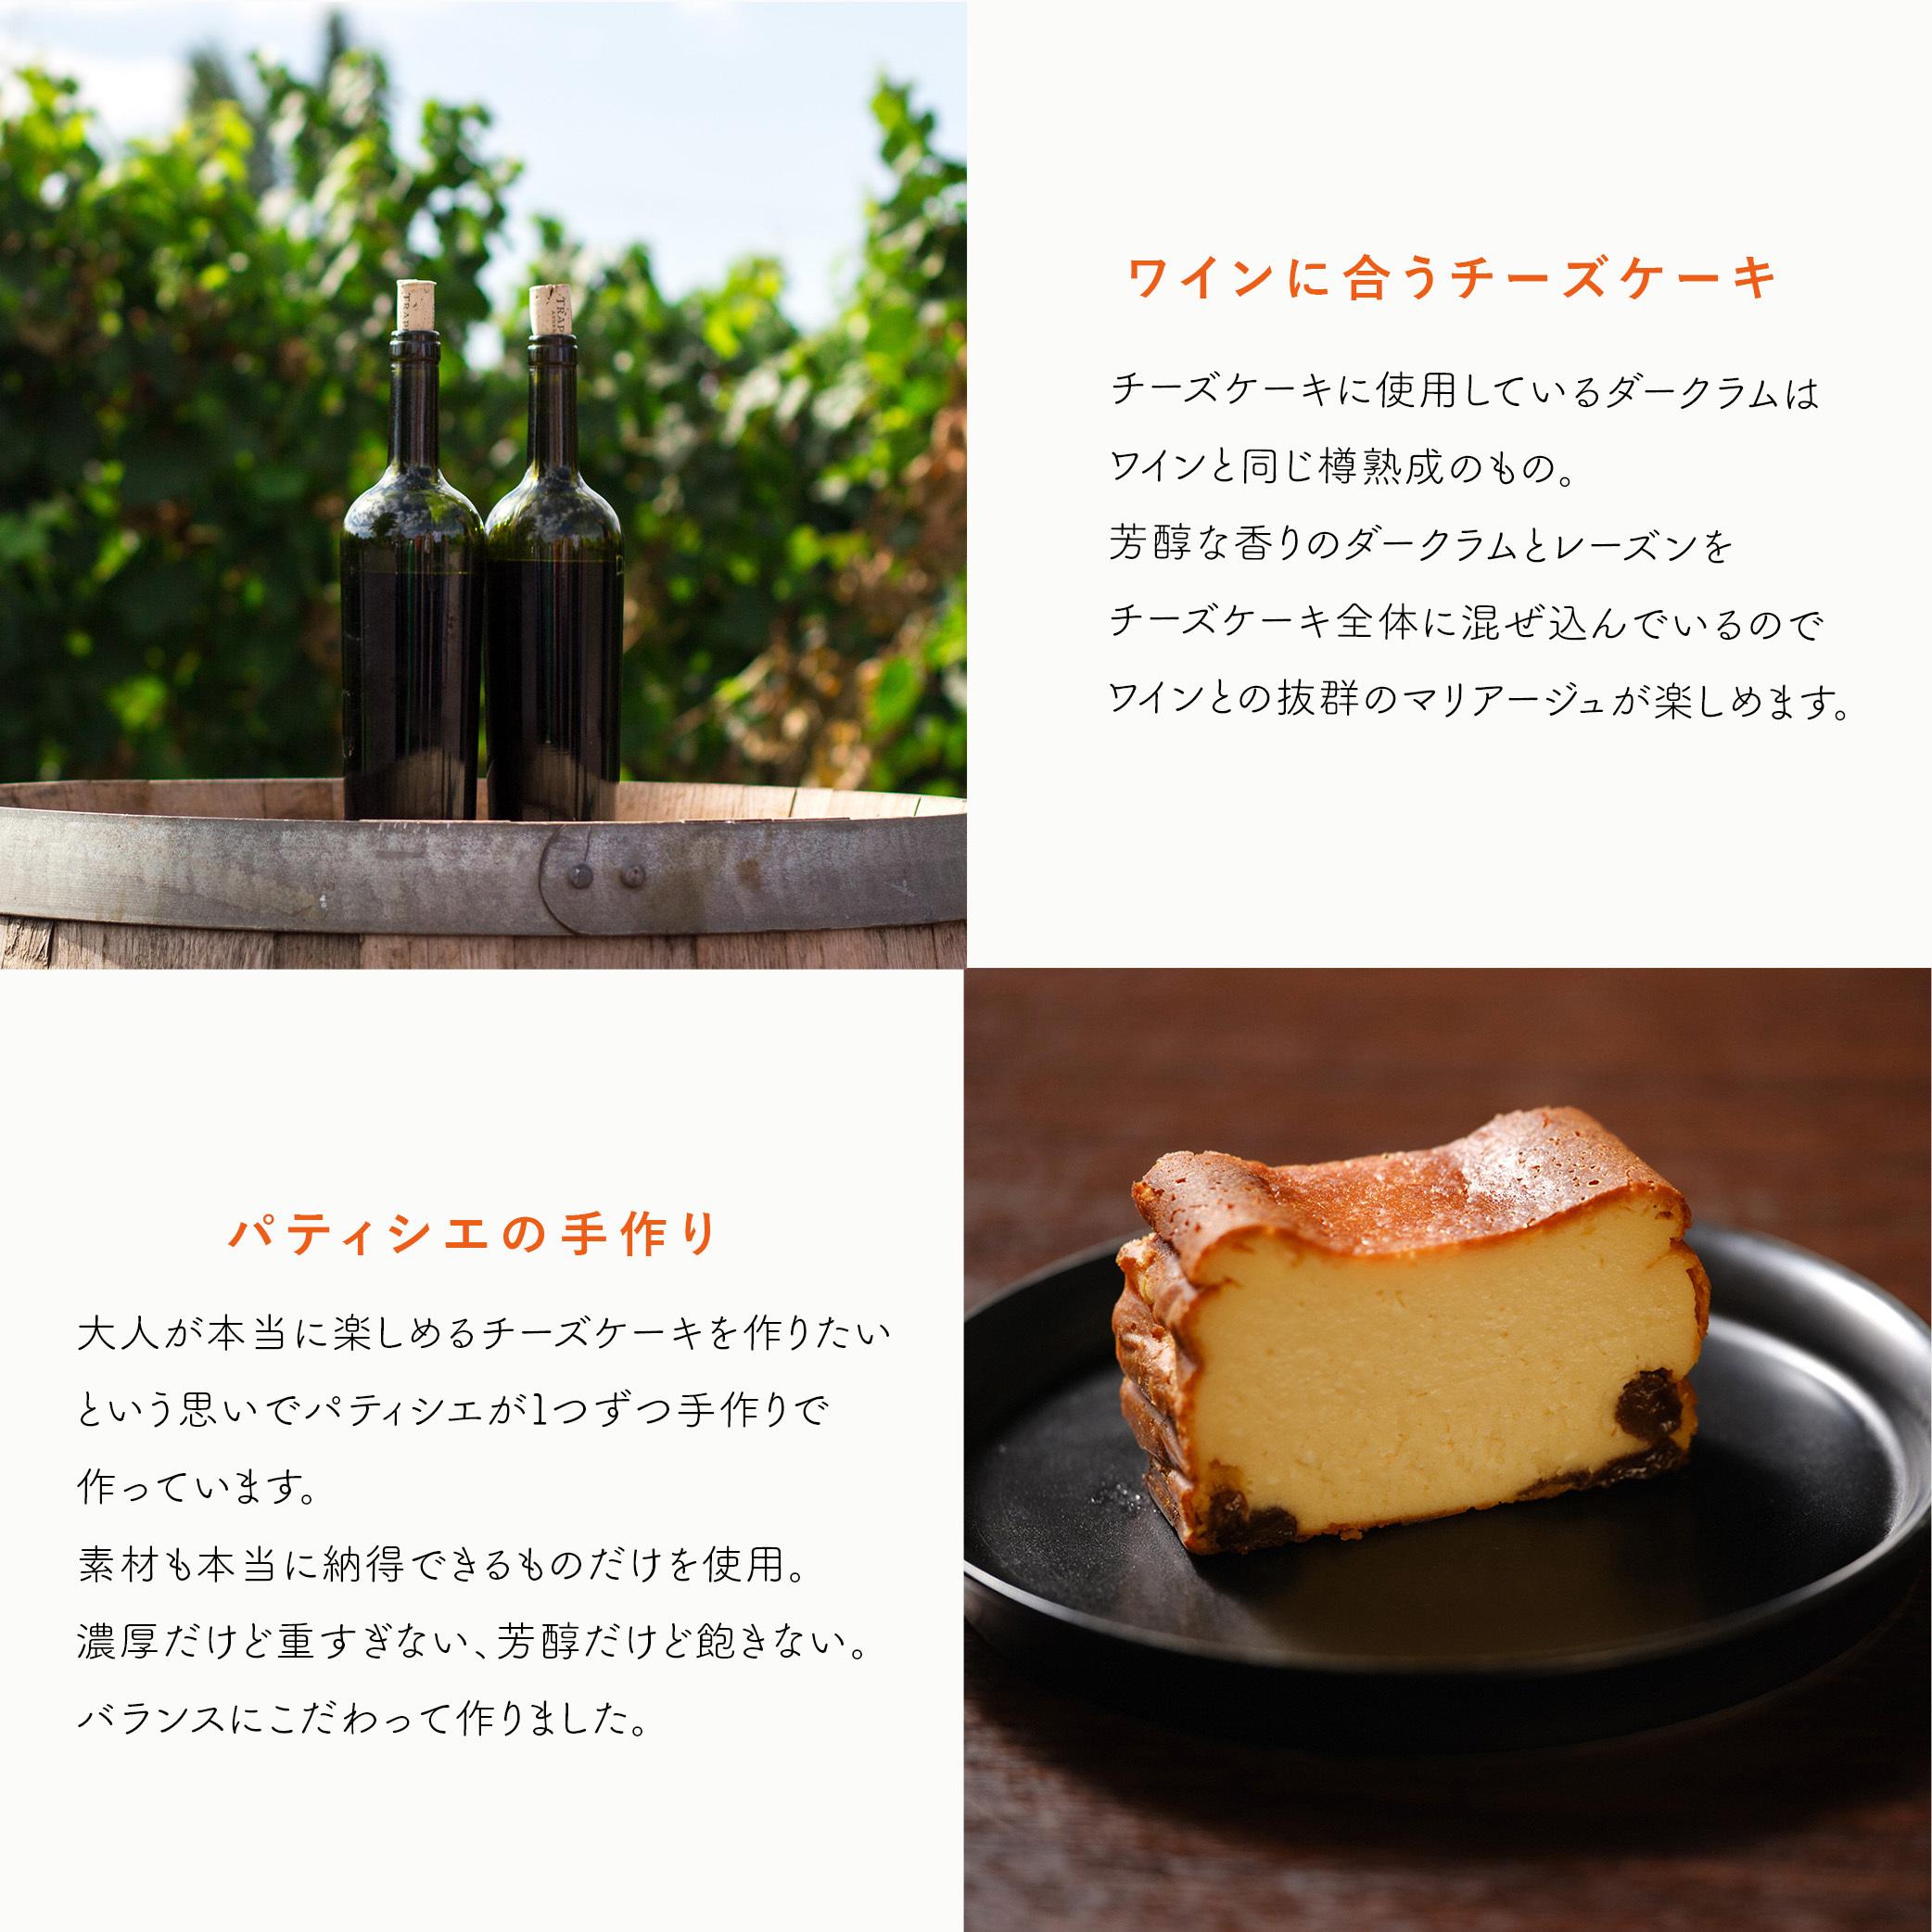 秘密のラムレーズンチーズケーキ | 敬老の日 お歳暮ギフト プレゼント 誕生日 大人向け